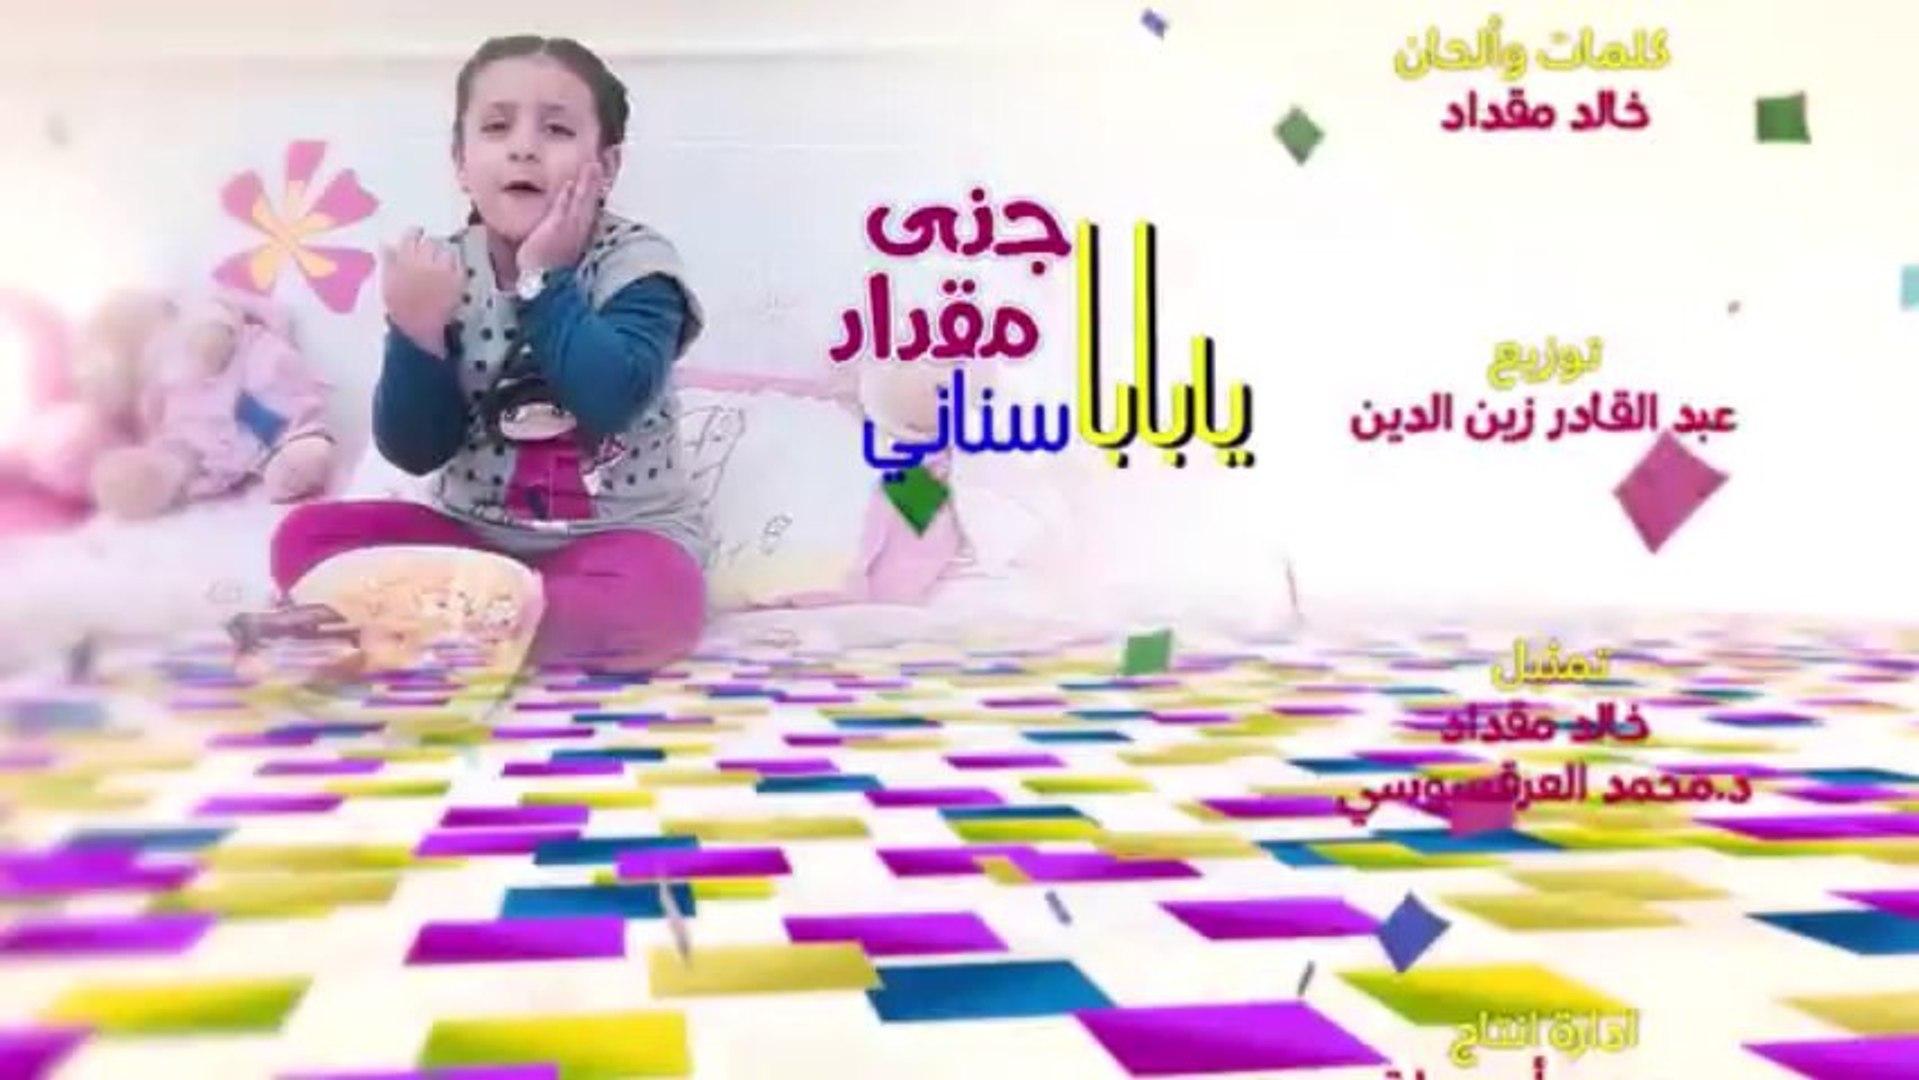 يا بابا أسناني جنى مقداد طيور الجنة Video Dailymotion